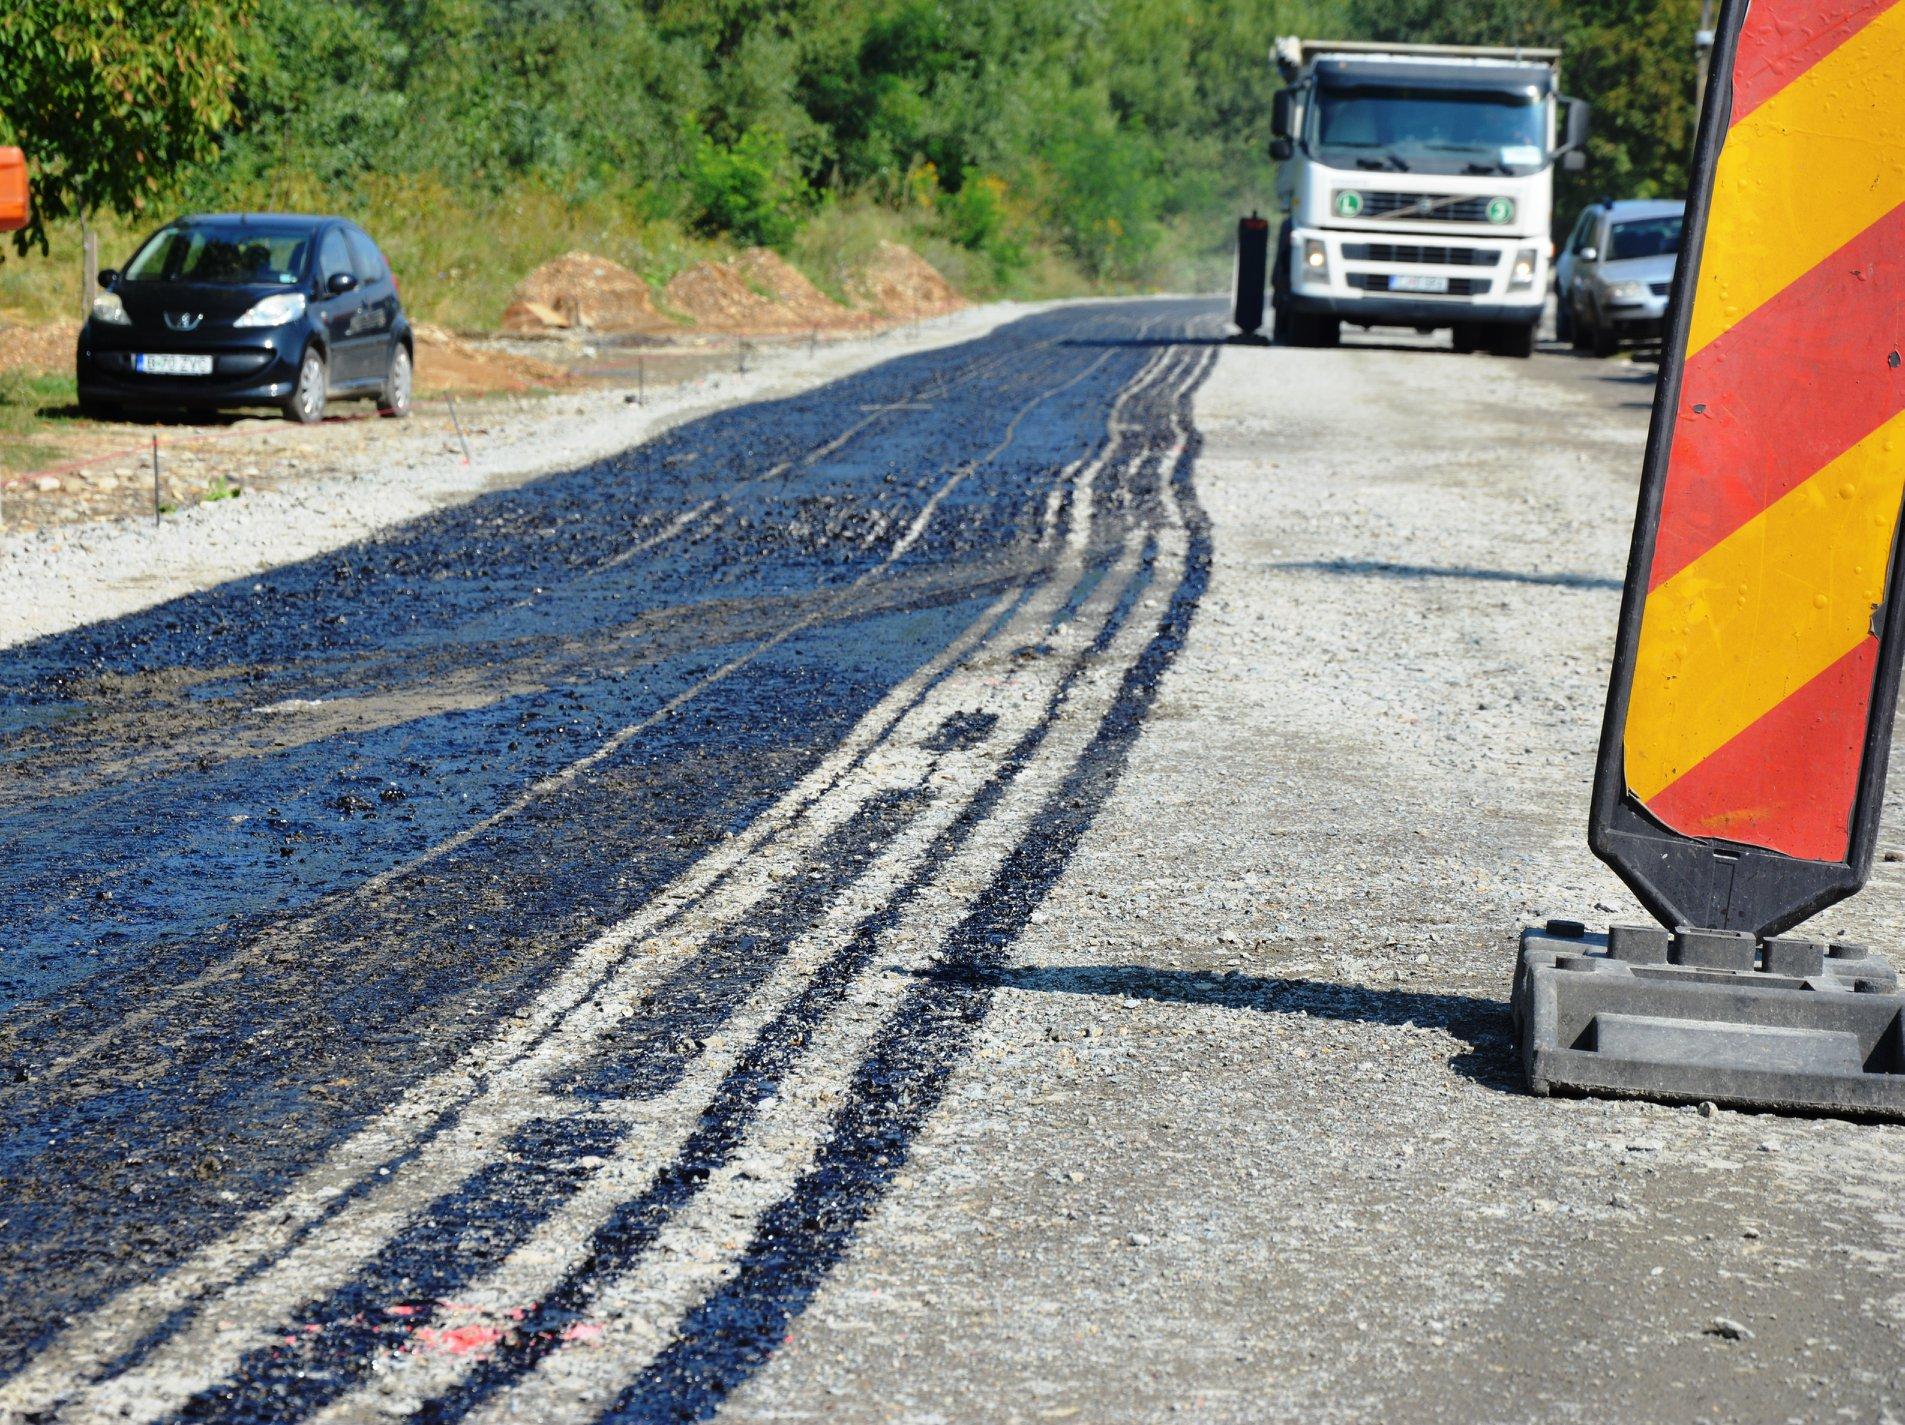 A început asfaltarea drumului județean 107P Gilău – Someşu Rece – Tarnița – Mărişel